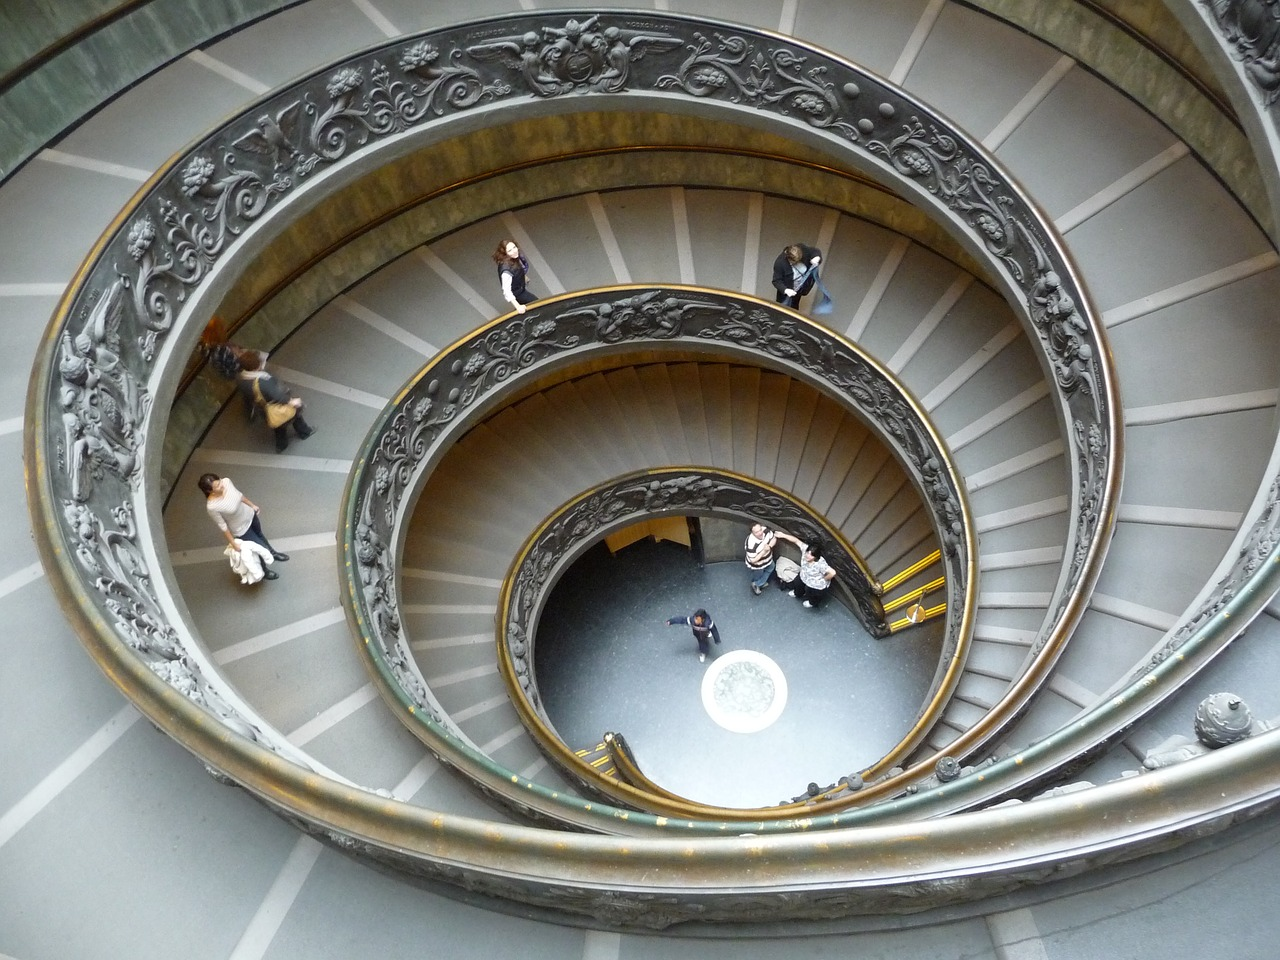 Gli imprescindibili: i 10 musei italiani da visitare per conoscere l'arte